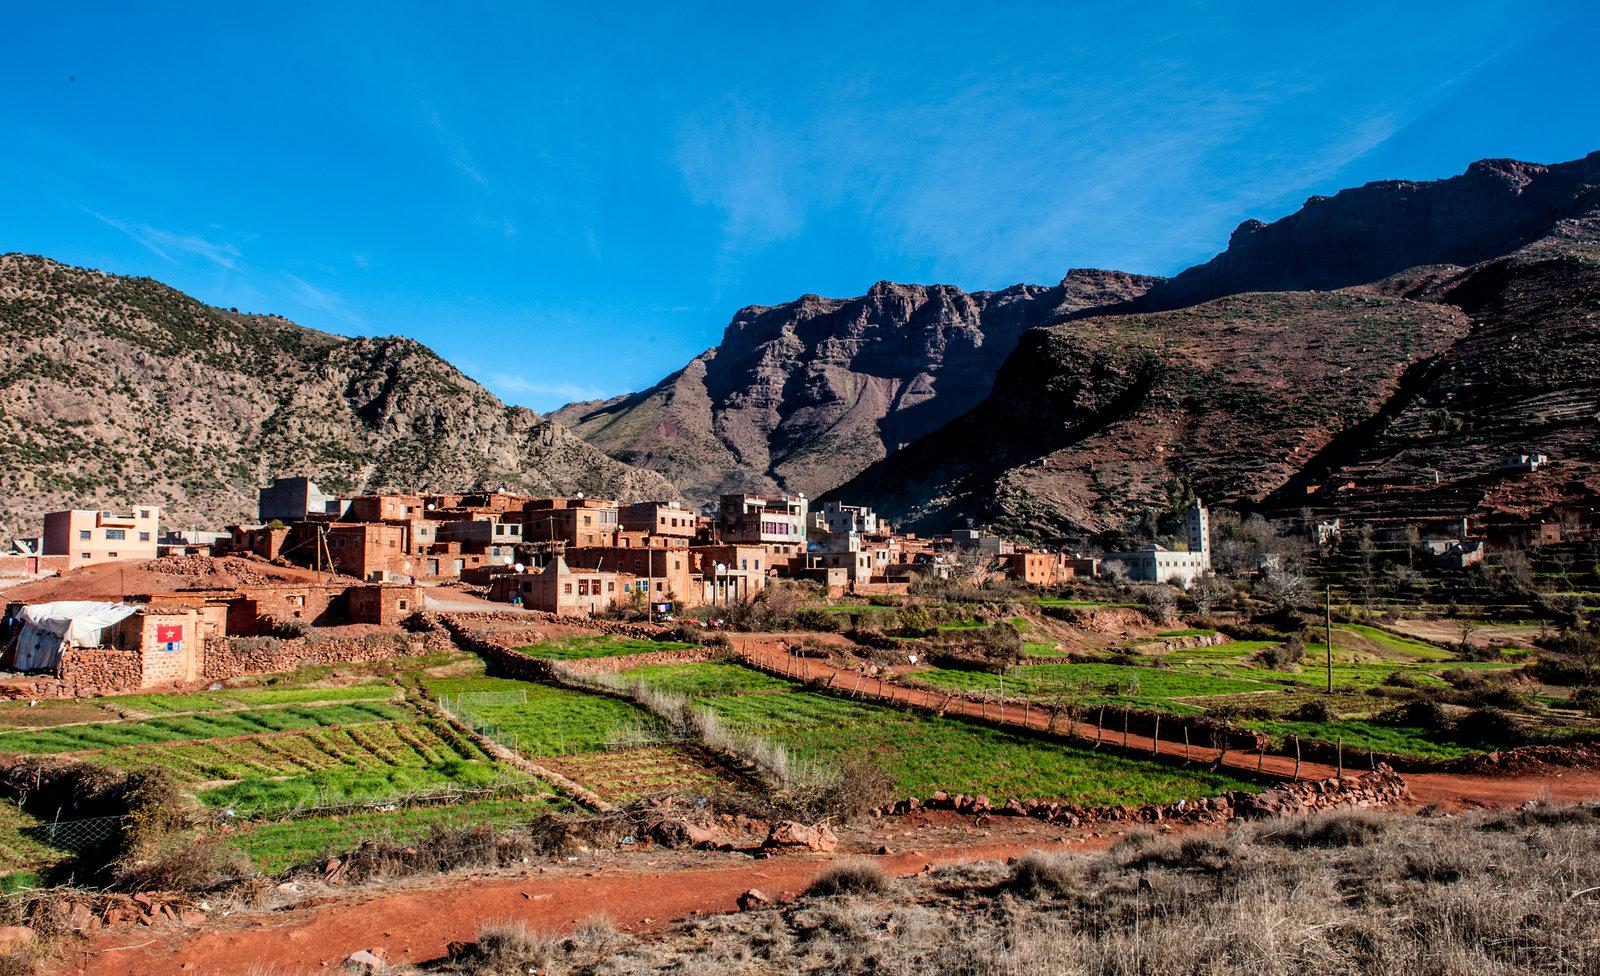 maroko-antyatlas-trekking-marrakesz-22